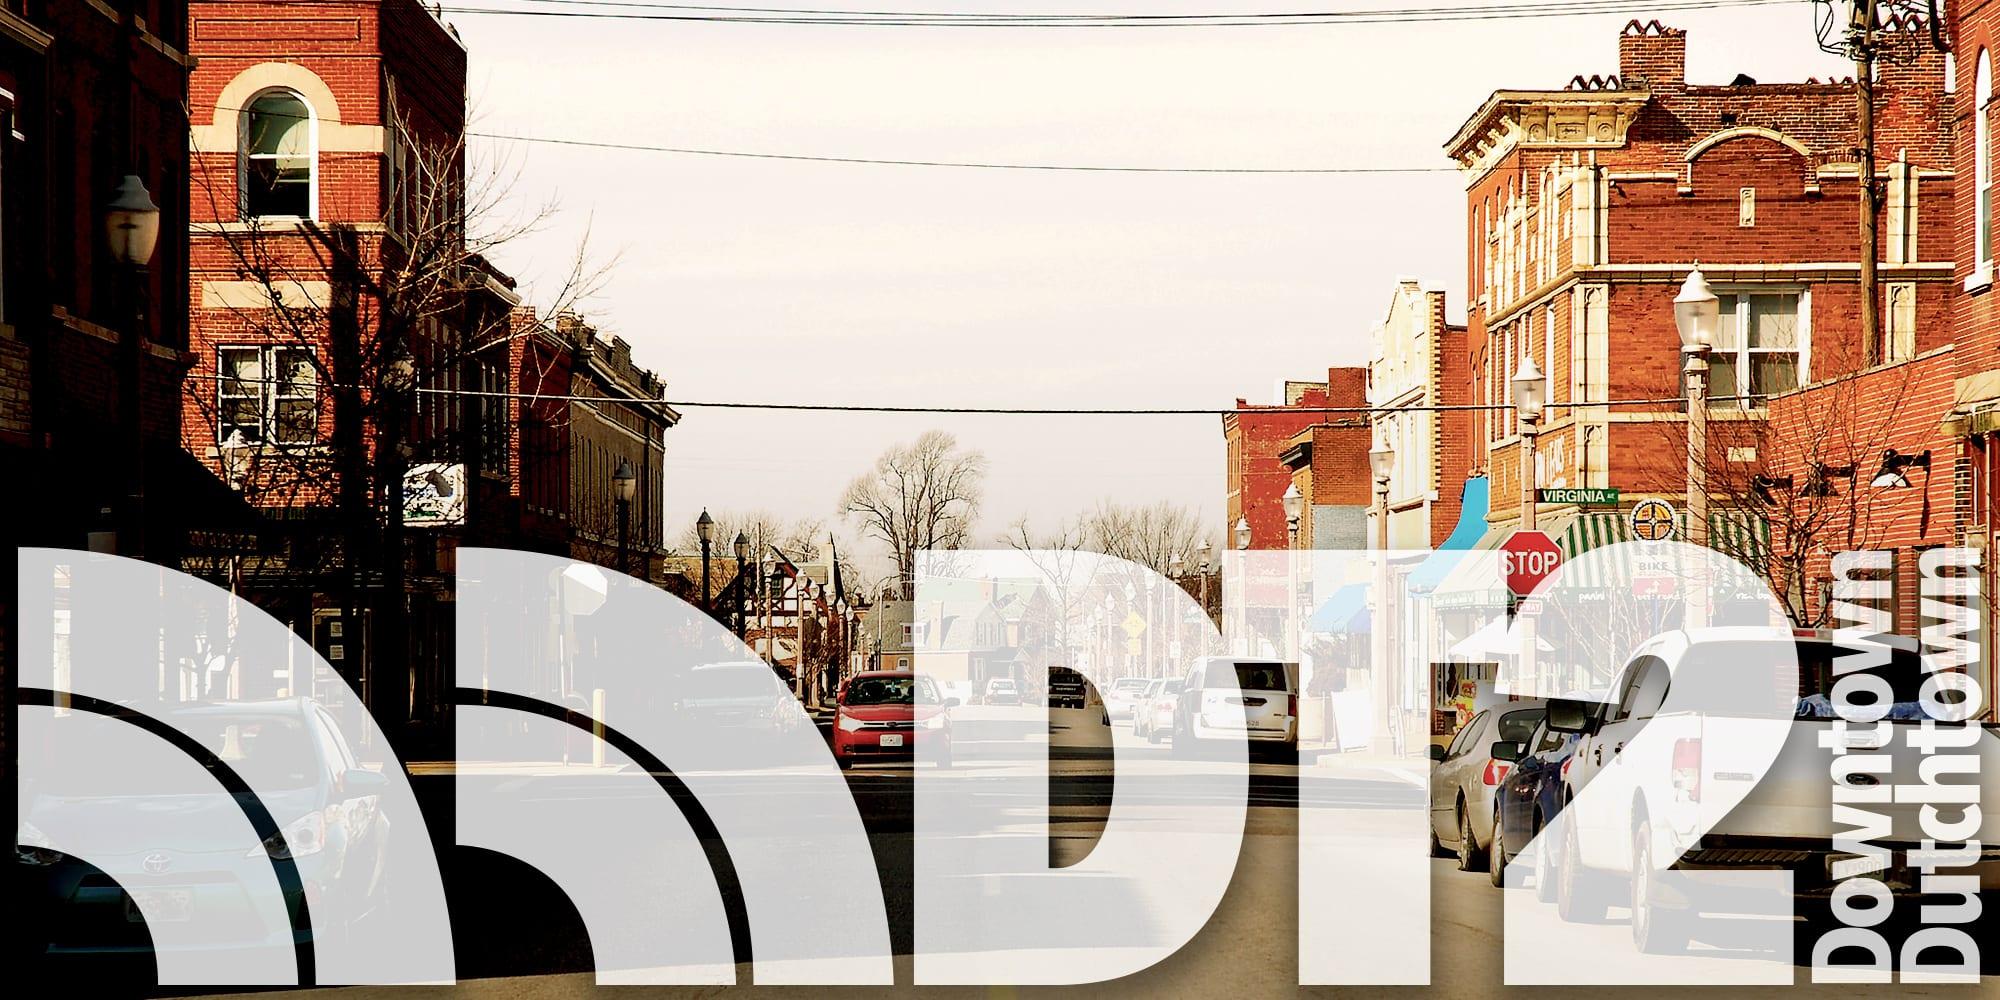 DT2 •Downtown Dutchtown